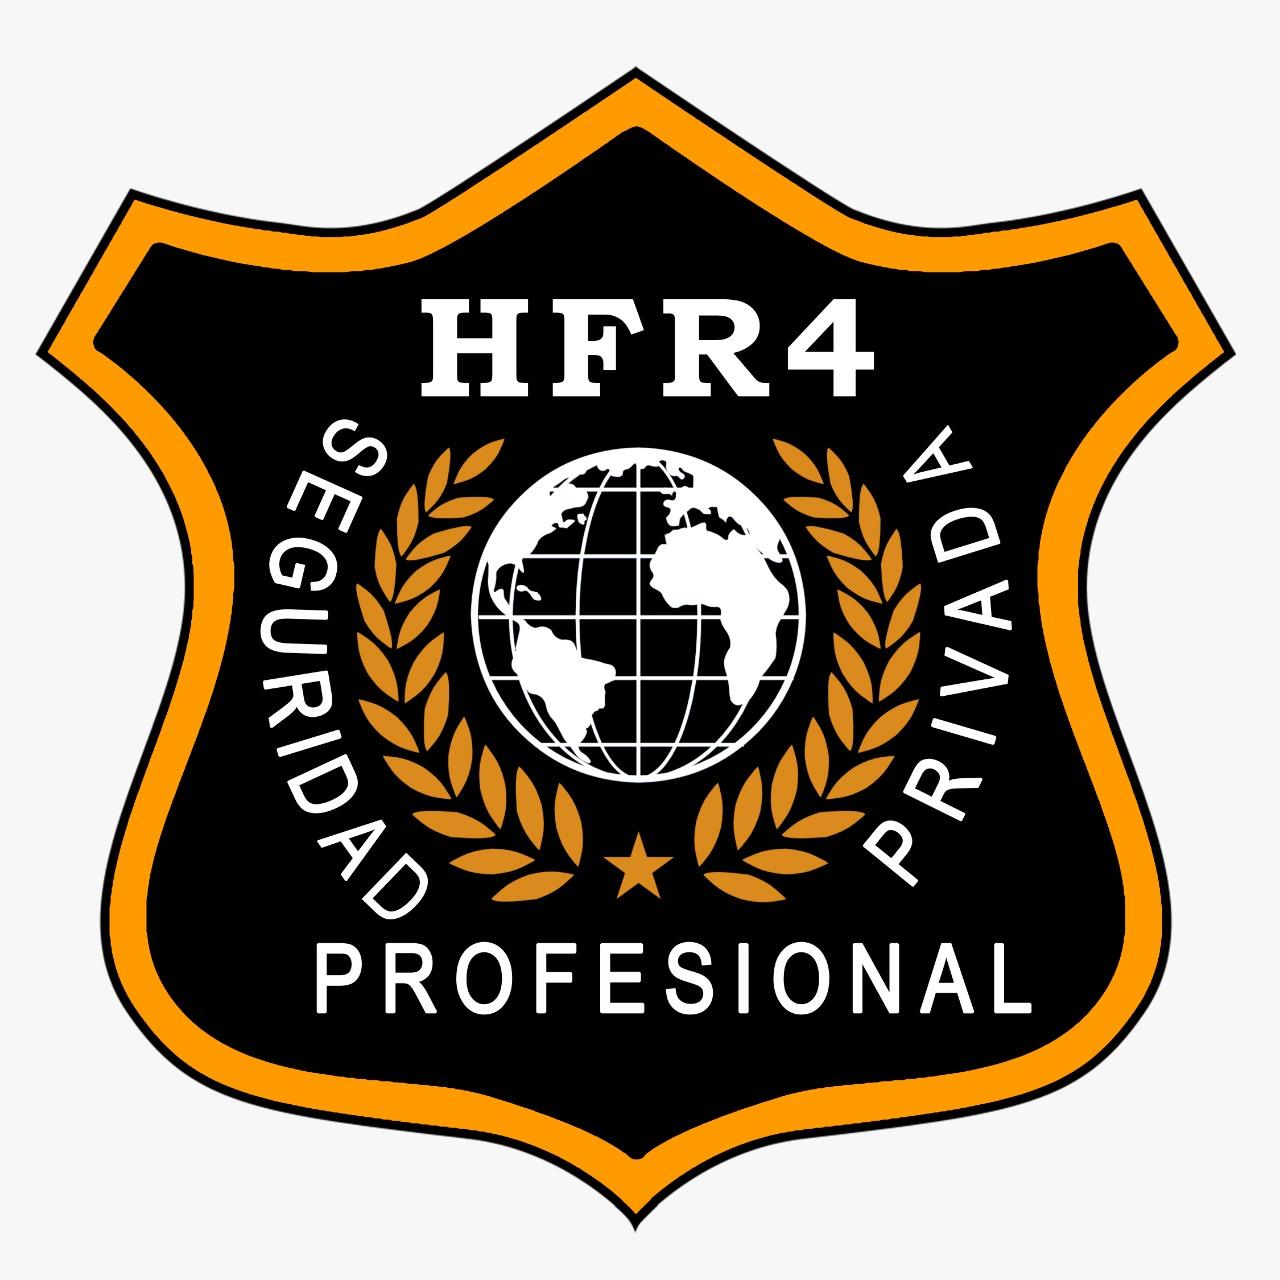 Logotipo de HFRS de RL de CV